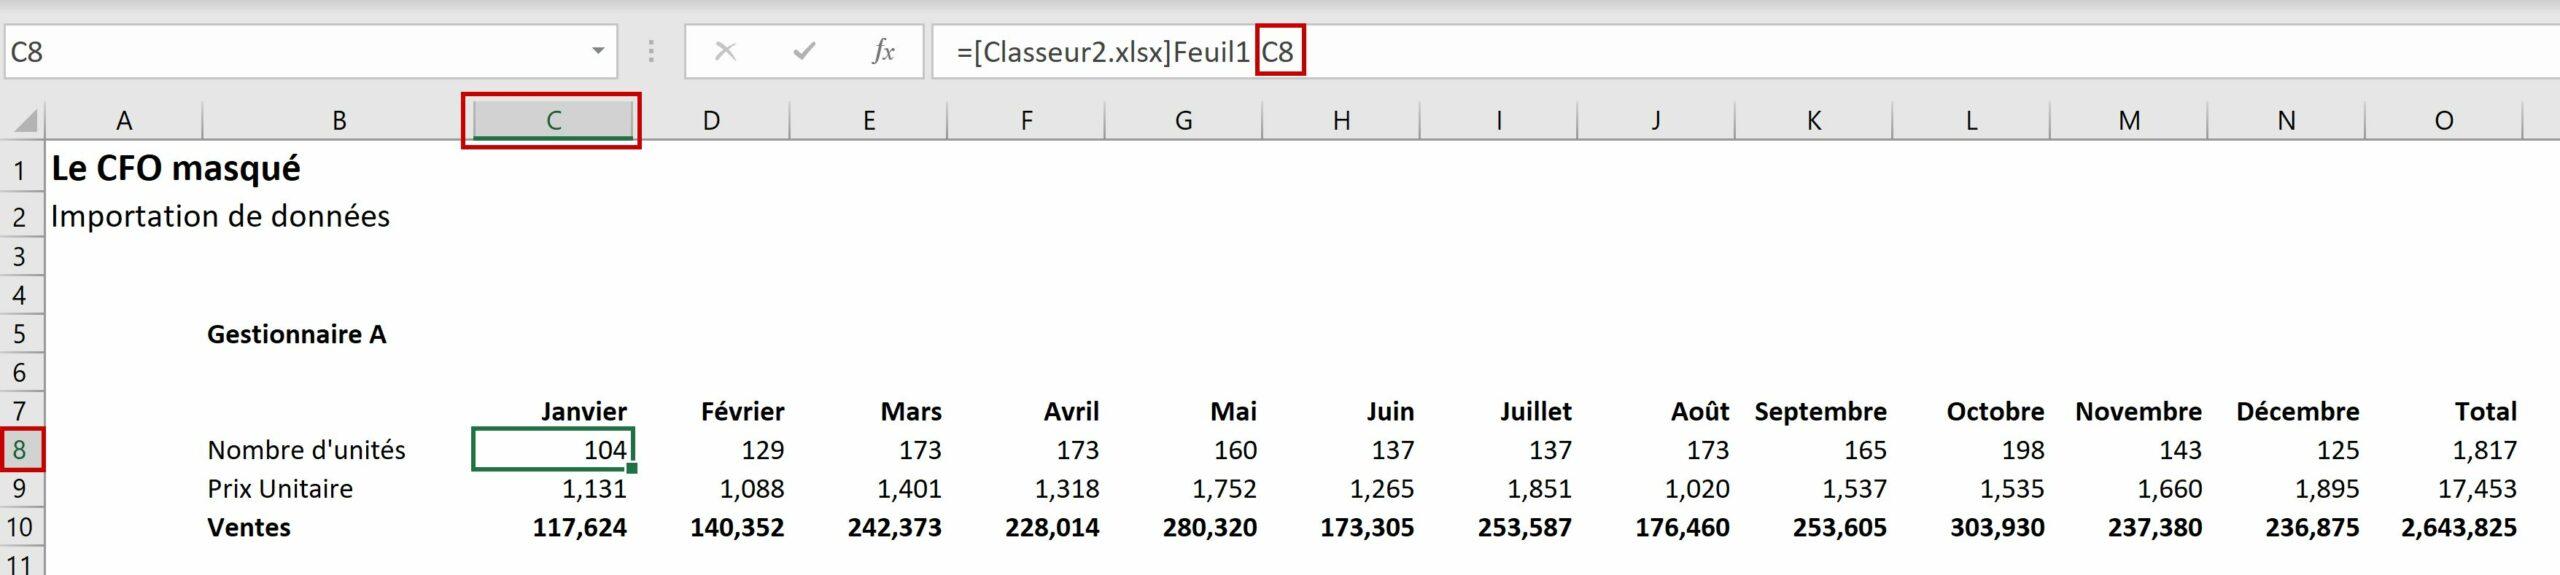 Importation de données dans Excel